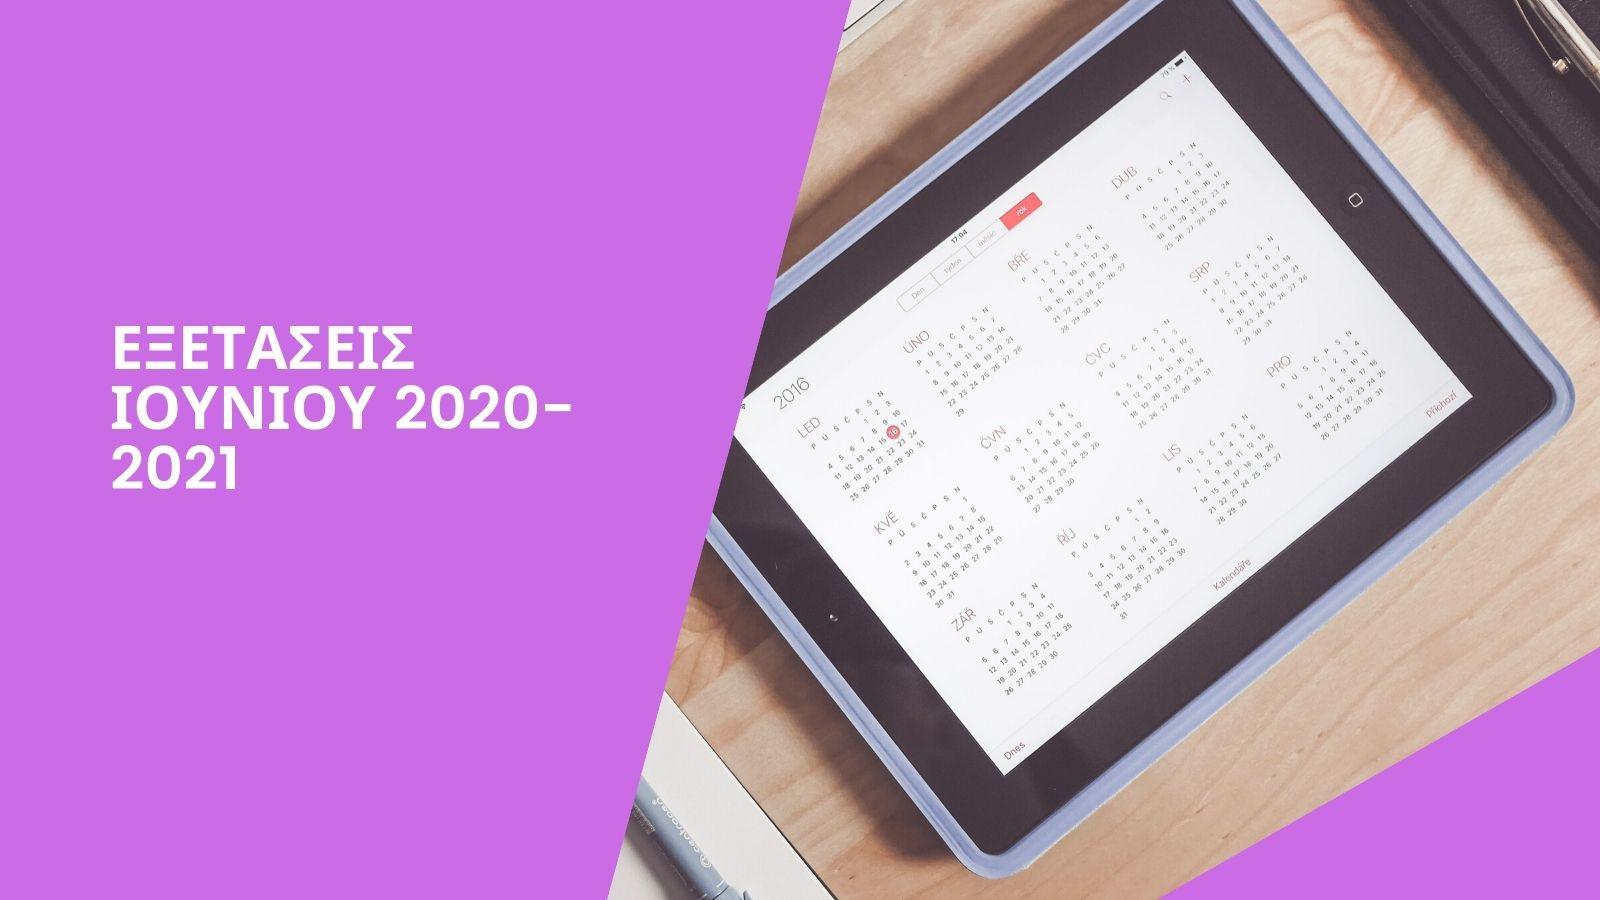 ΕΞΕΤΑΣΕΙΣ ΙΟΥΝΙΟΥ 2020-2021